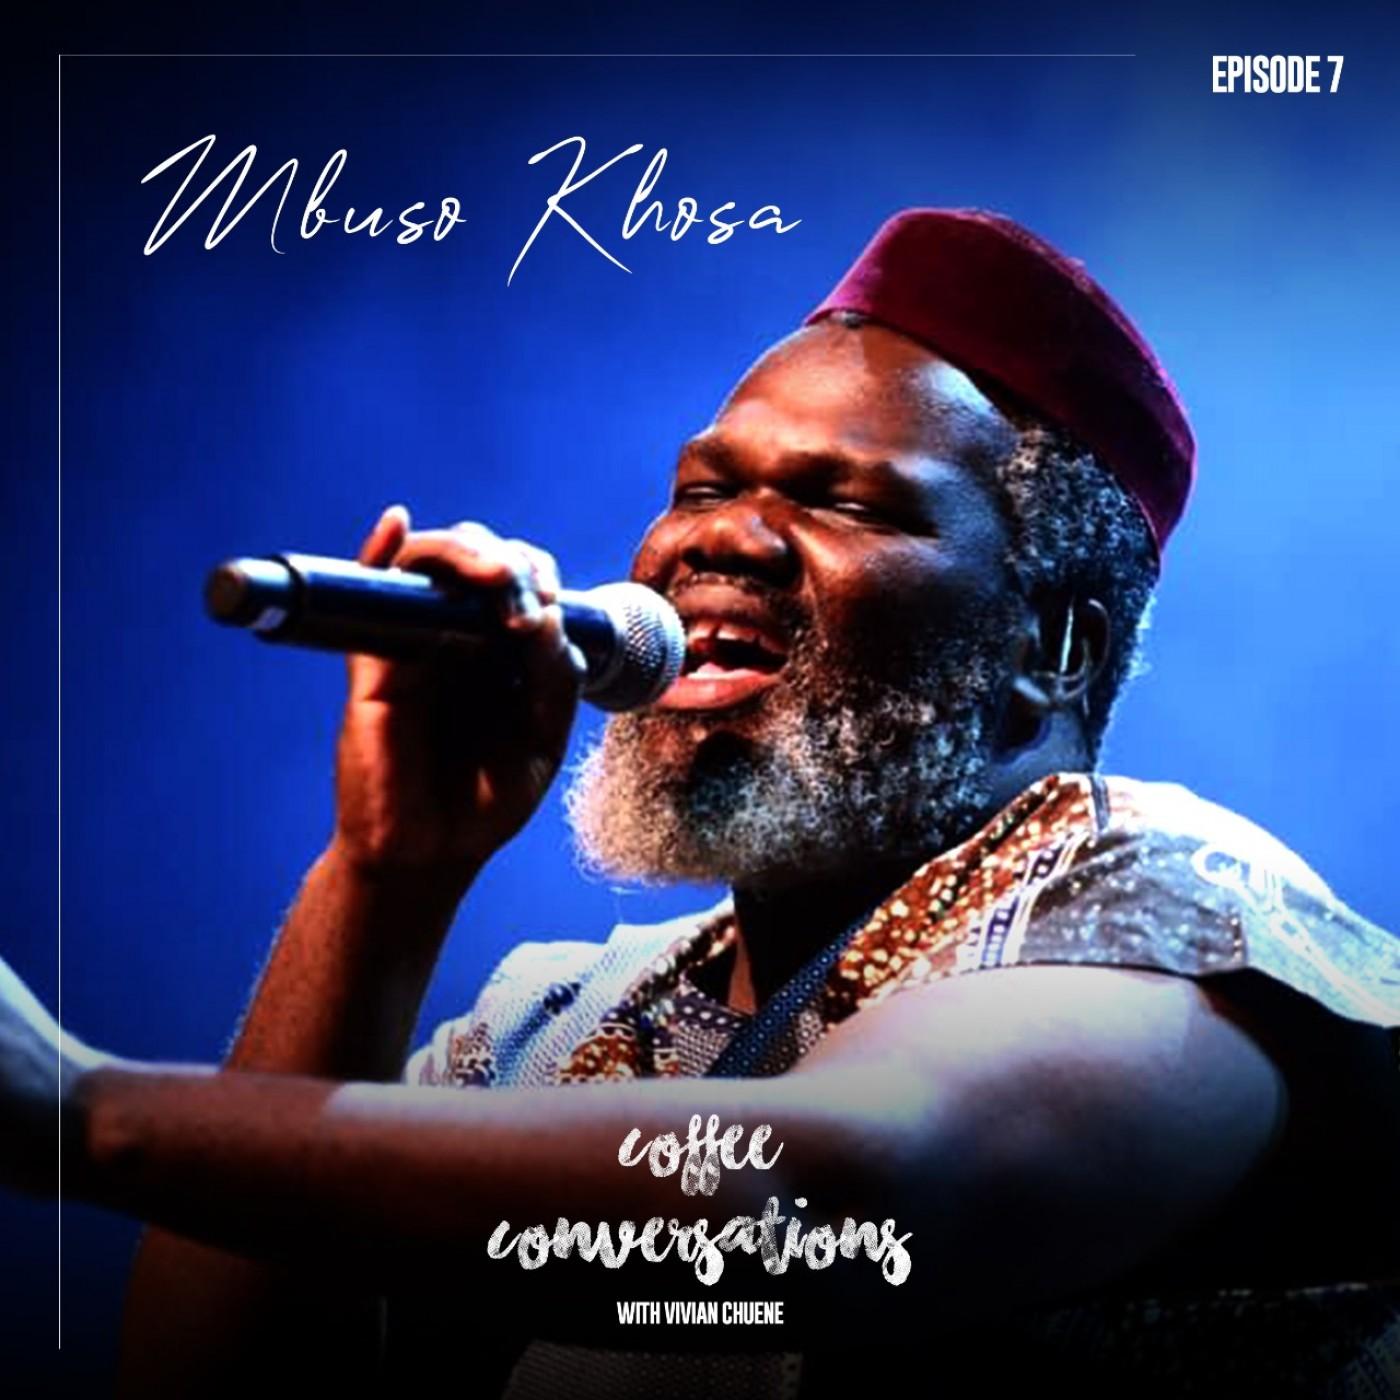 Mbuso Khoza